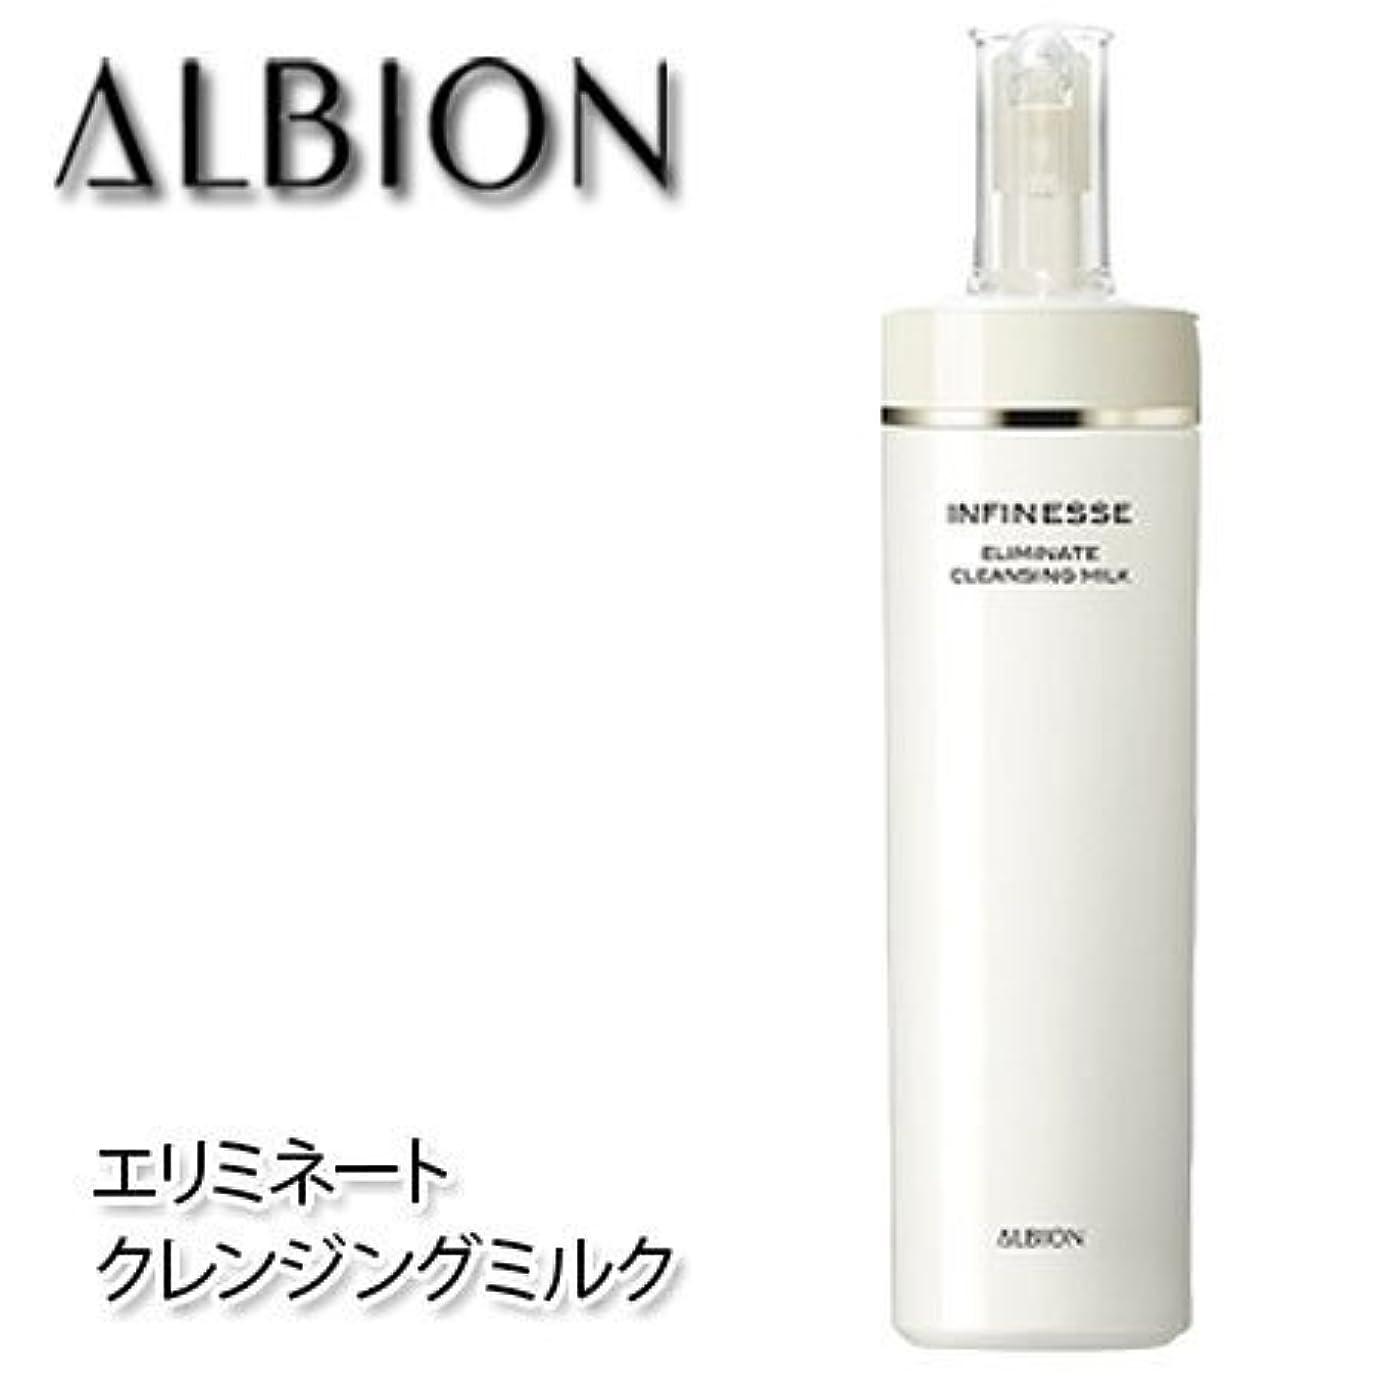 爆風禁輸マラウイアルビオン アンフィネス エリミネート クレンジングミルク 200g-ALBION-